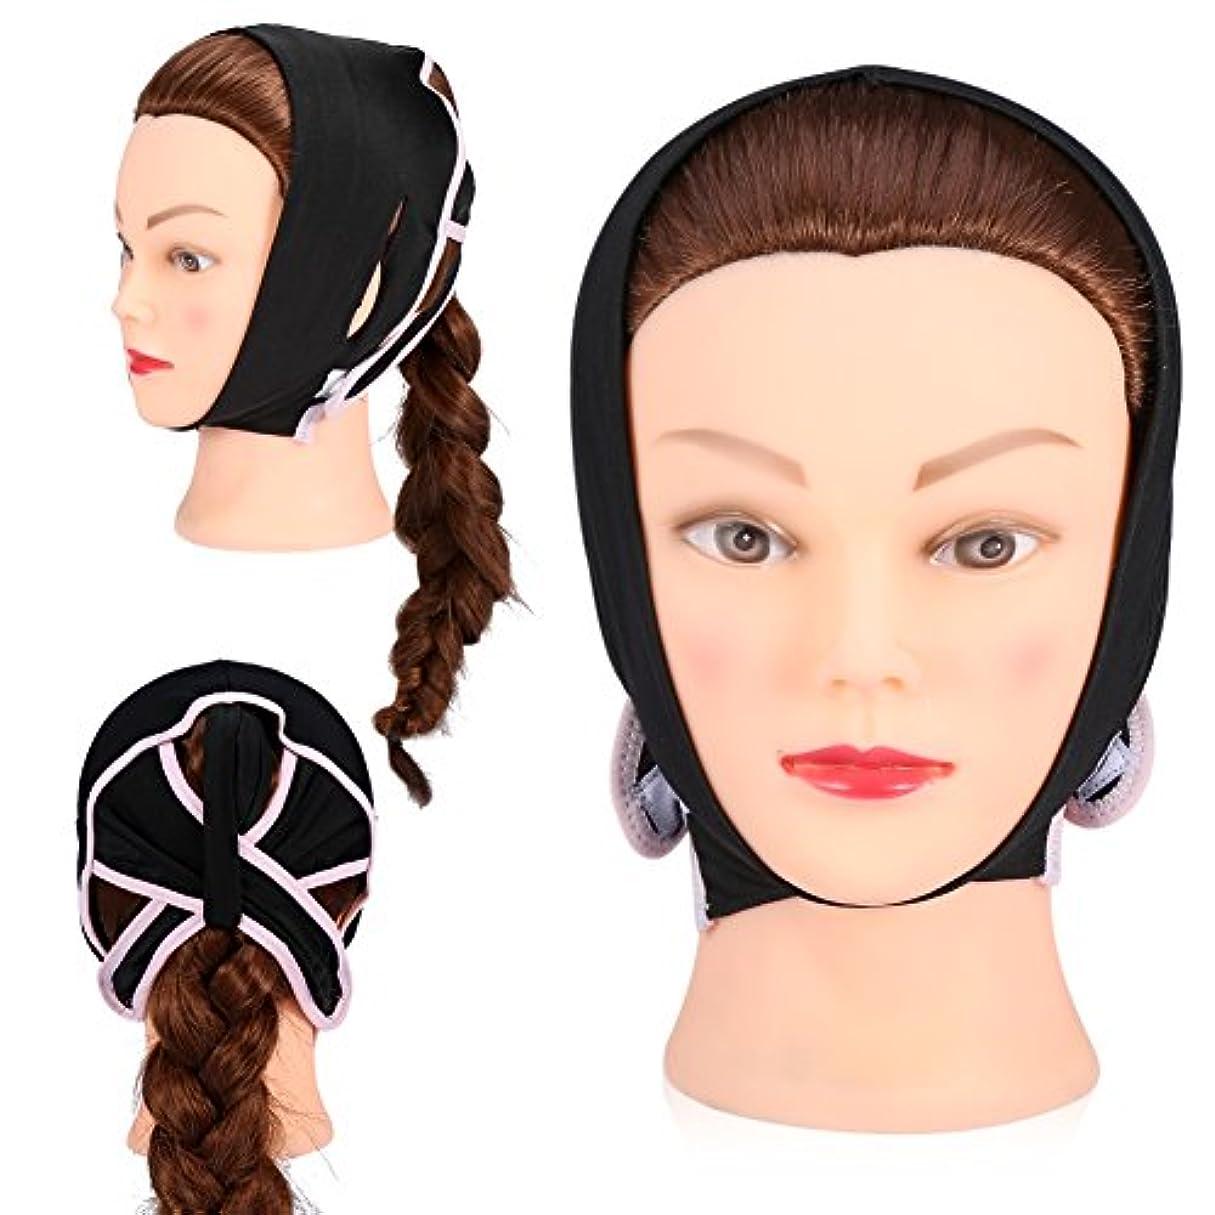 ダーツ赤面つなぐ顔 輪郭 改善 Vフェイス 美容包帯 首 頬 あご引き締めます(M)